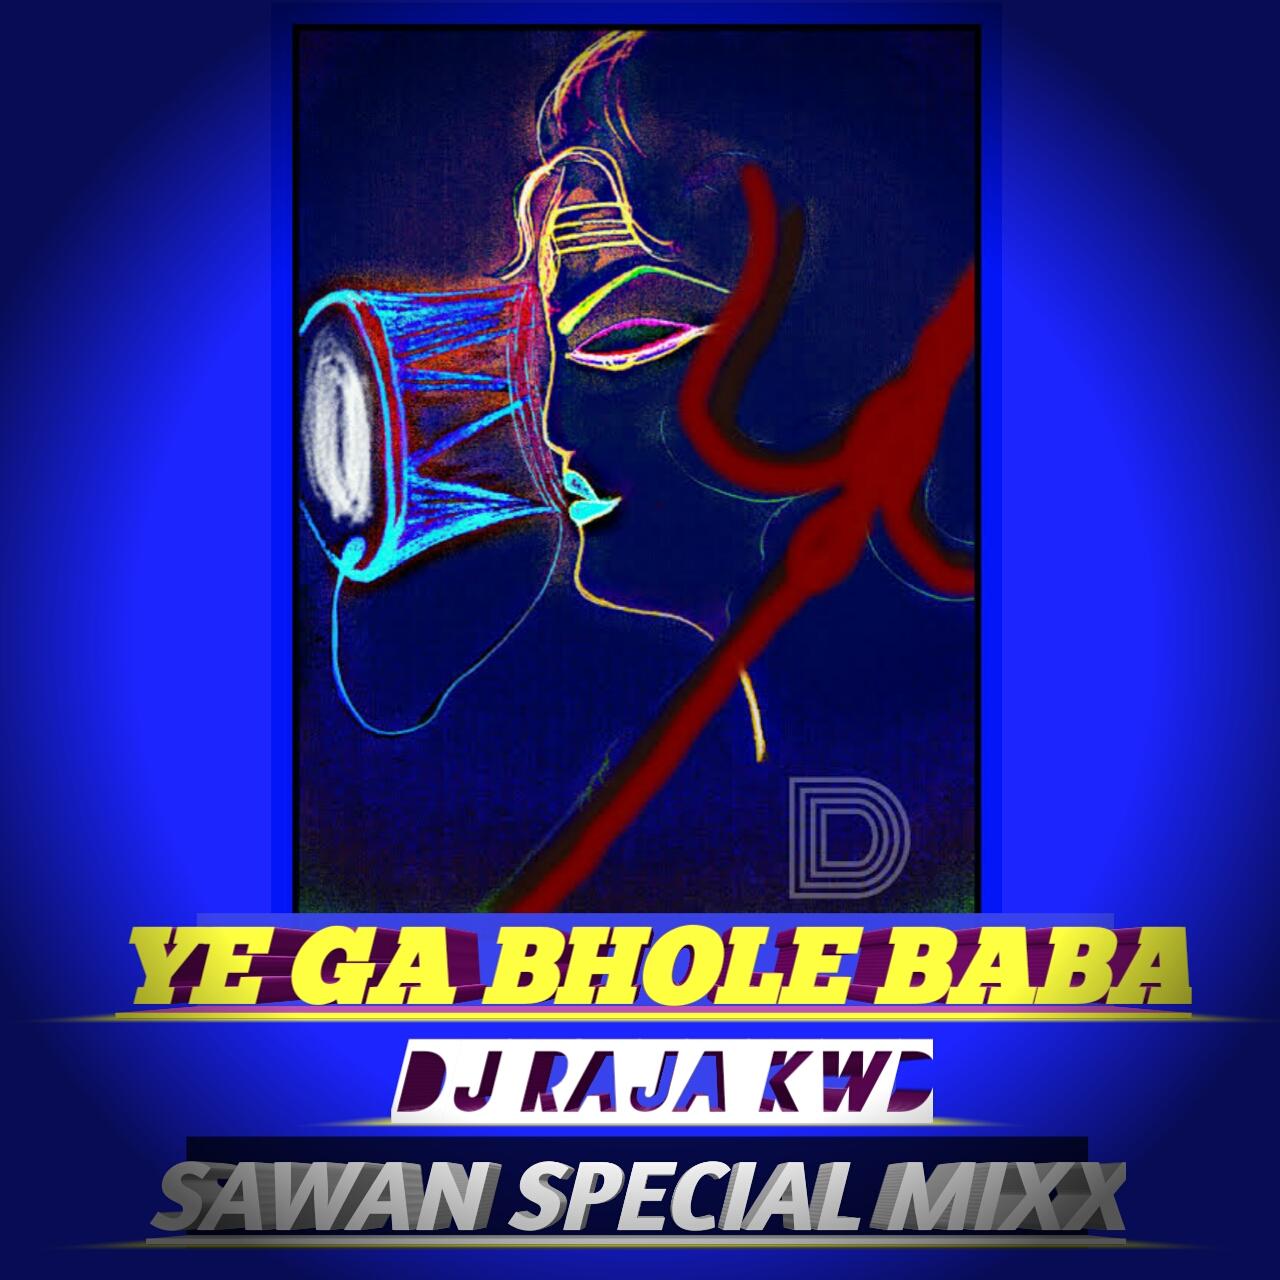 1ef98909cf1 YE GA BHOLE BABA DJ RAJA KWD UT TREACK · DOUNLOD NOW